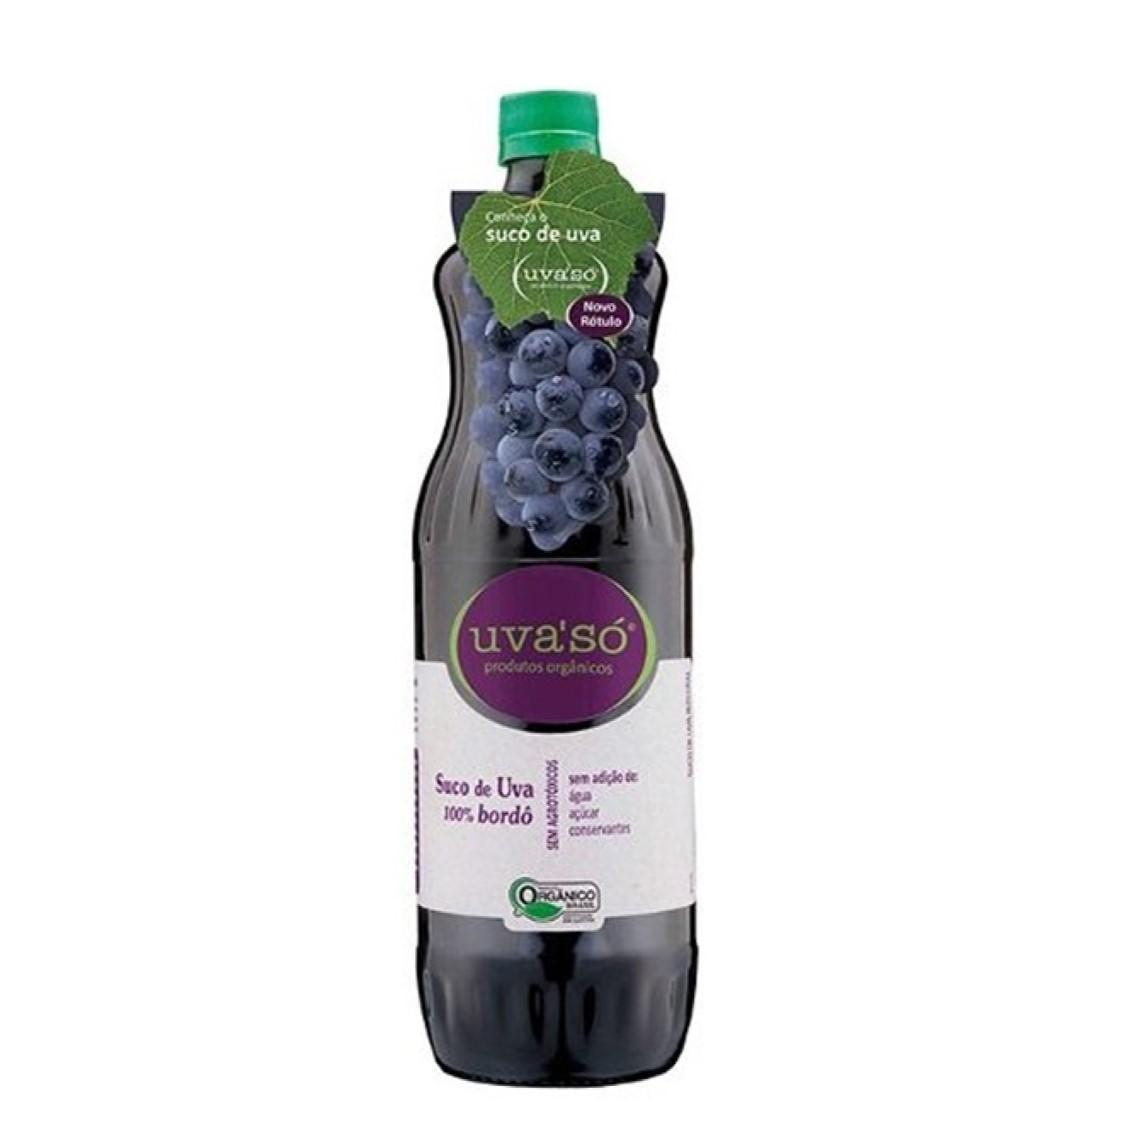 Suco de Uva Bordô (1L) – Uva'só